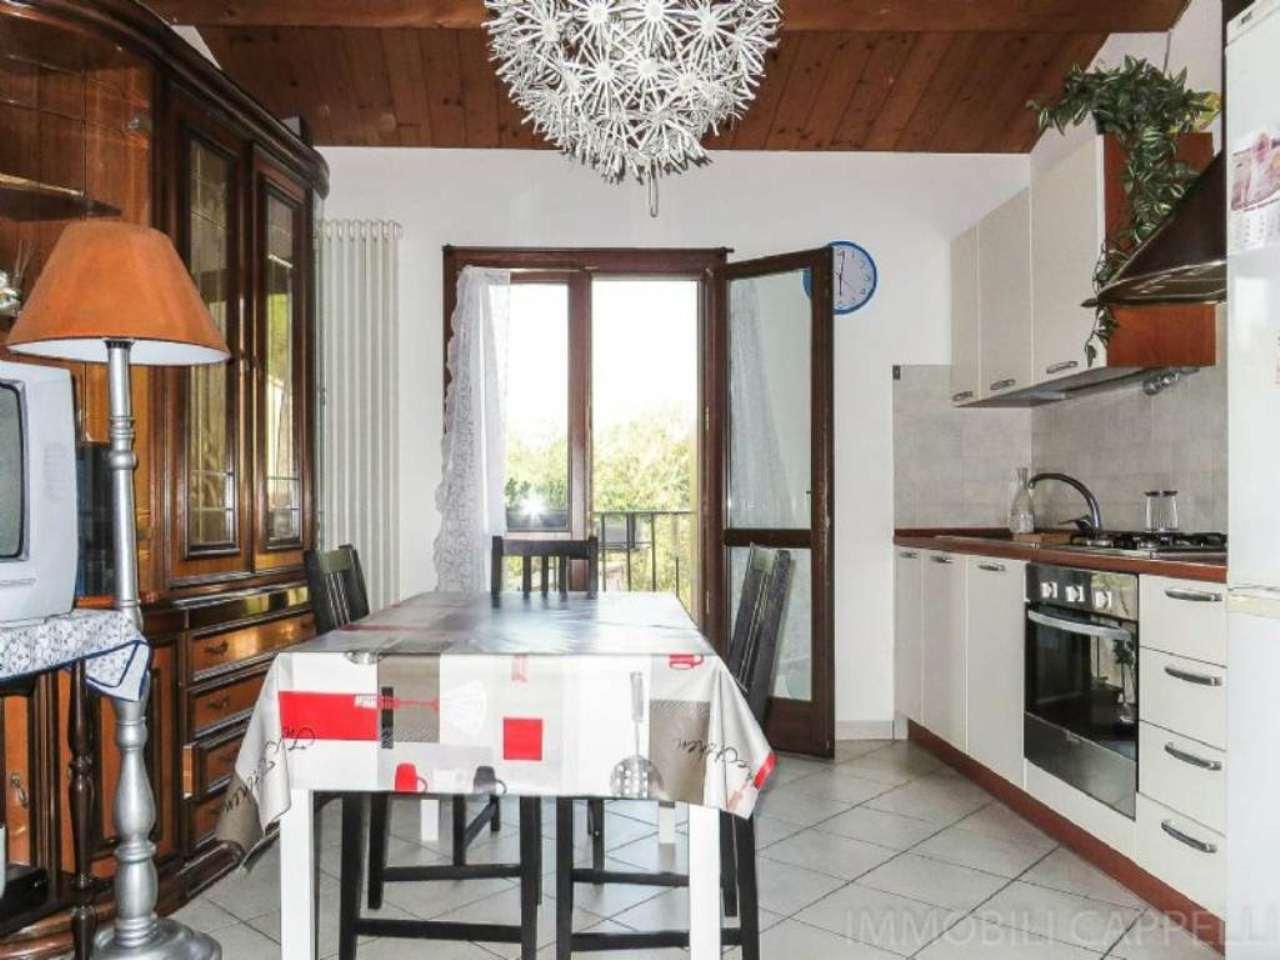 Appartamento in vendita a Forlimpopoli, 1 locali, prezzo € 85.000 | CambioCasa.it